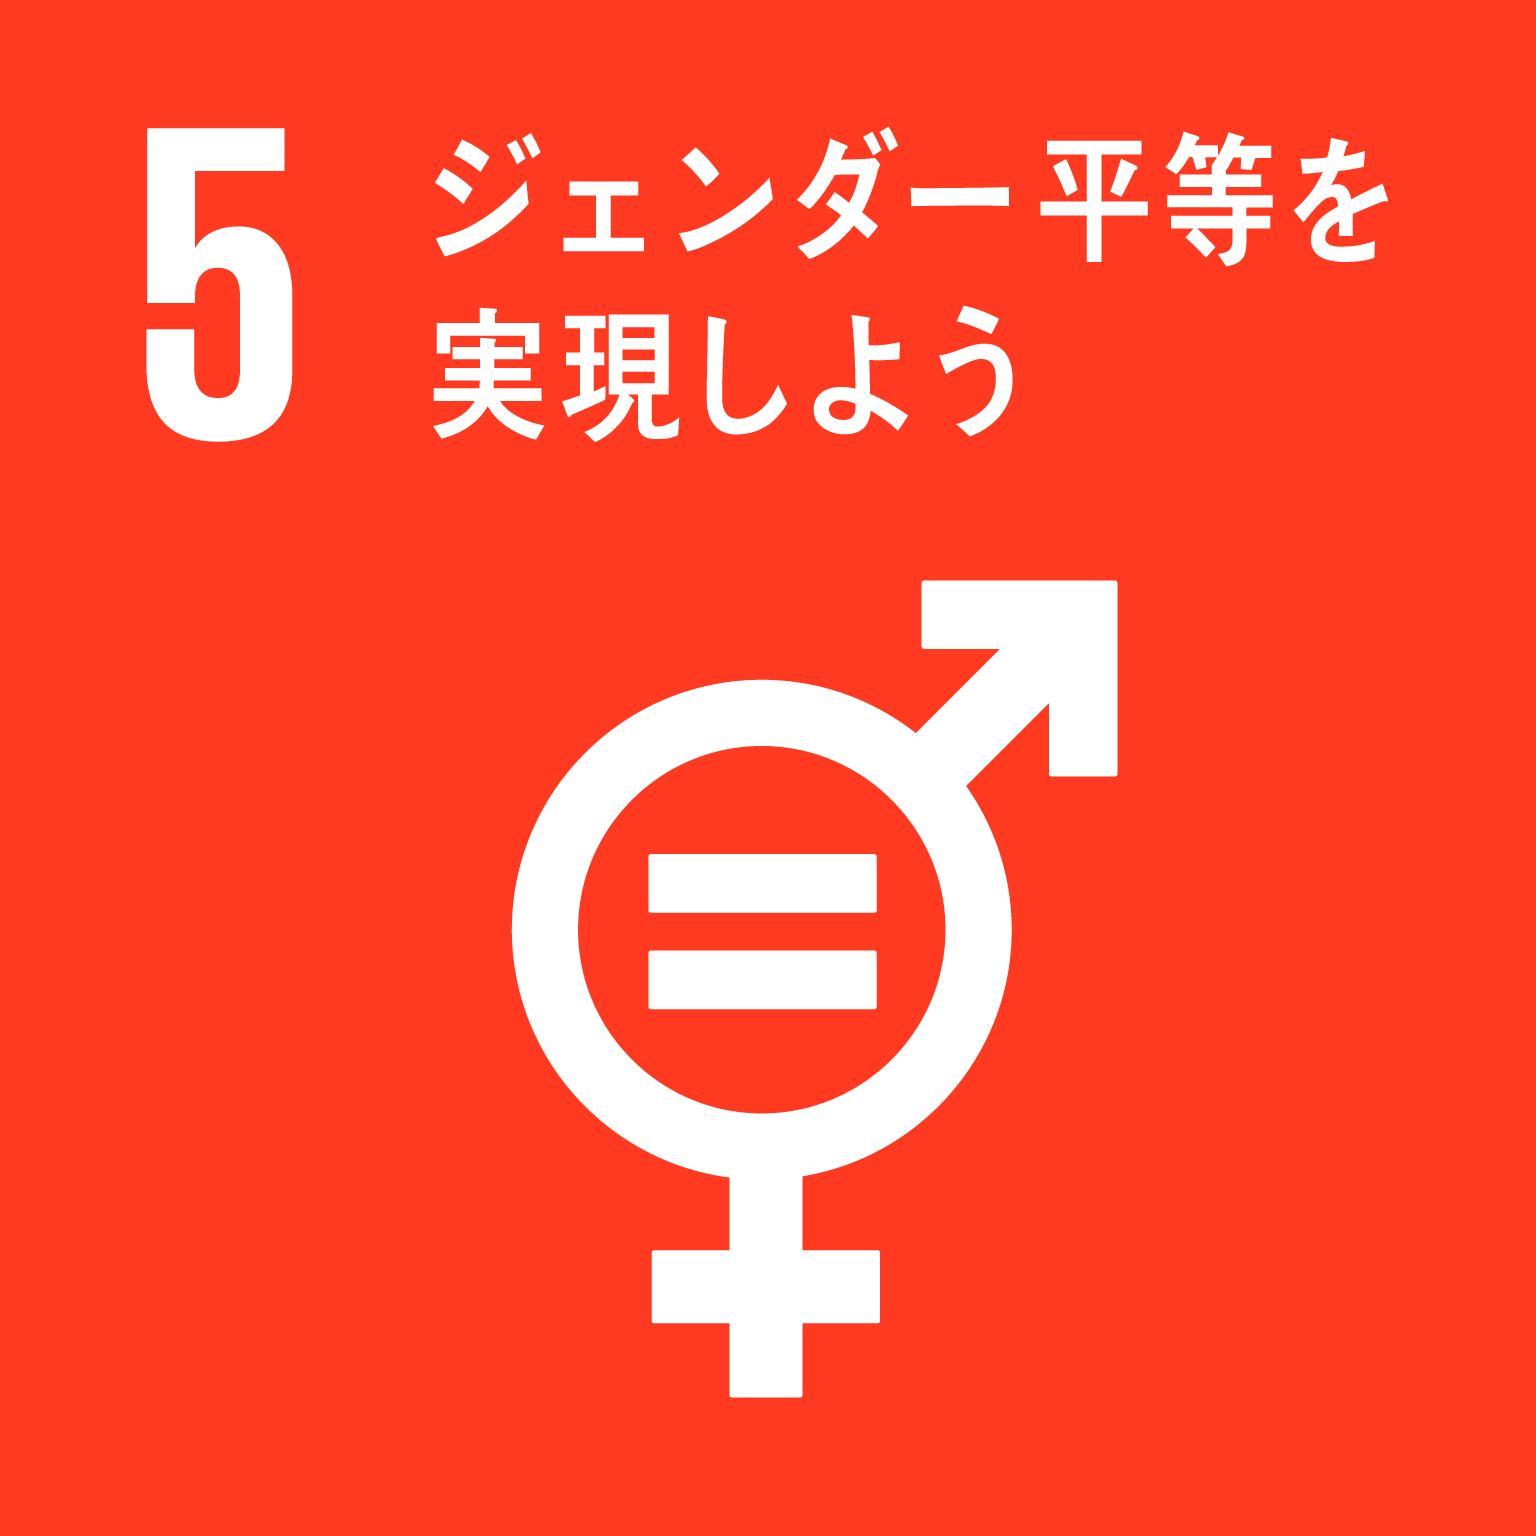 5_ジェンダー平等を実現しよう